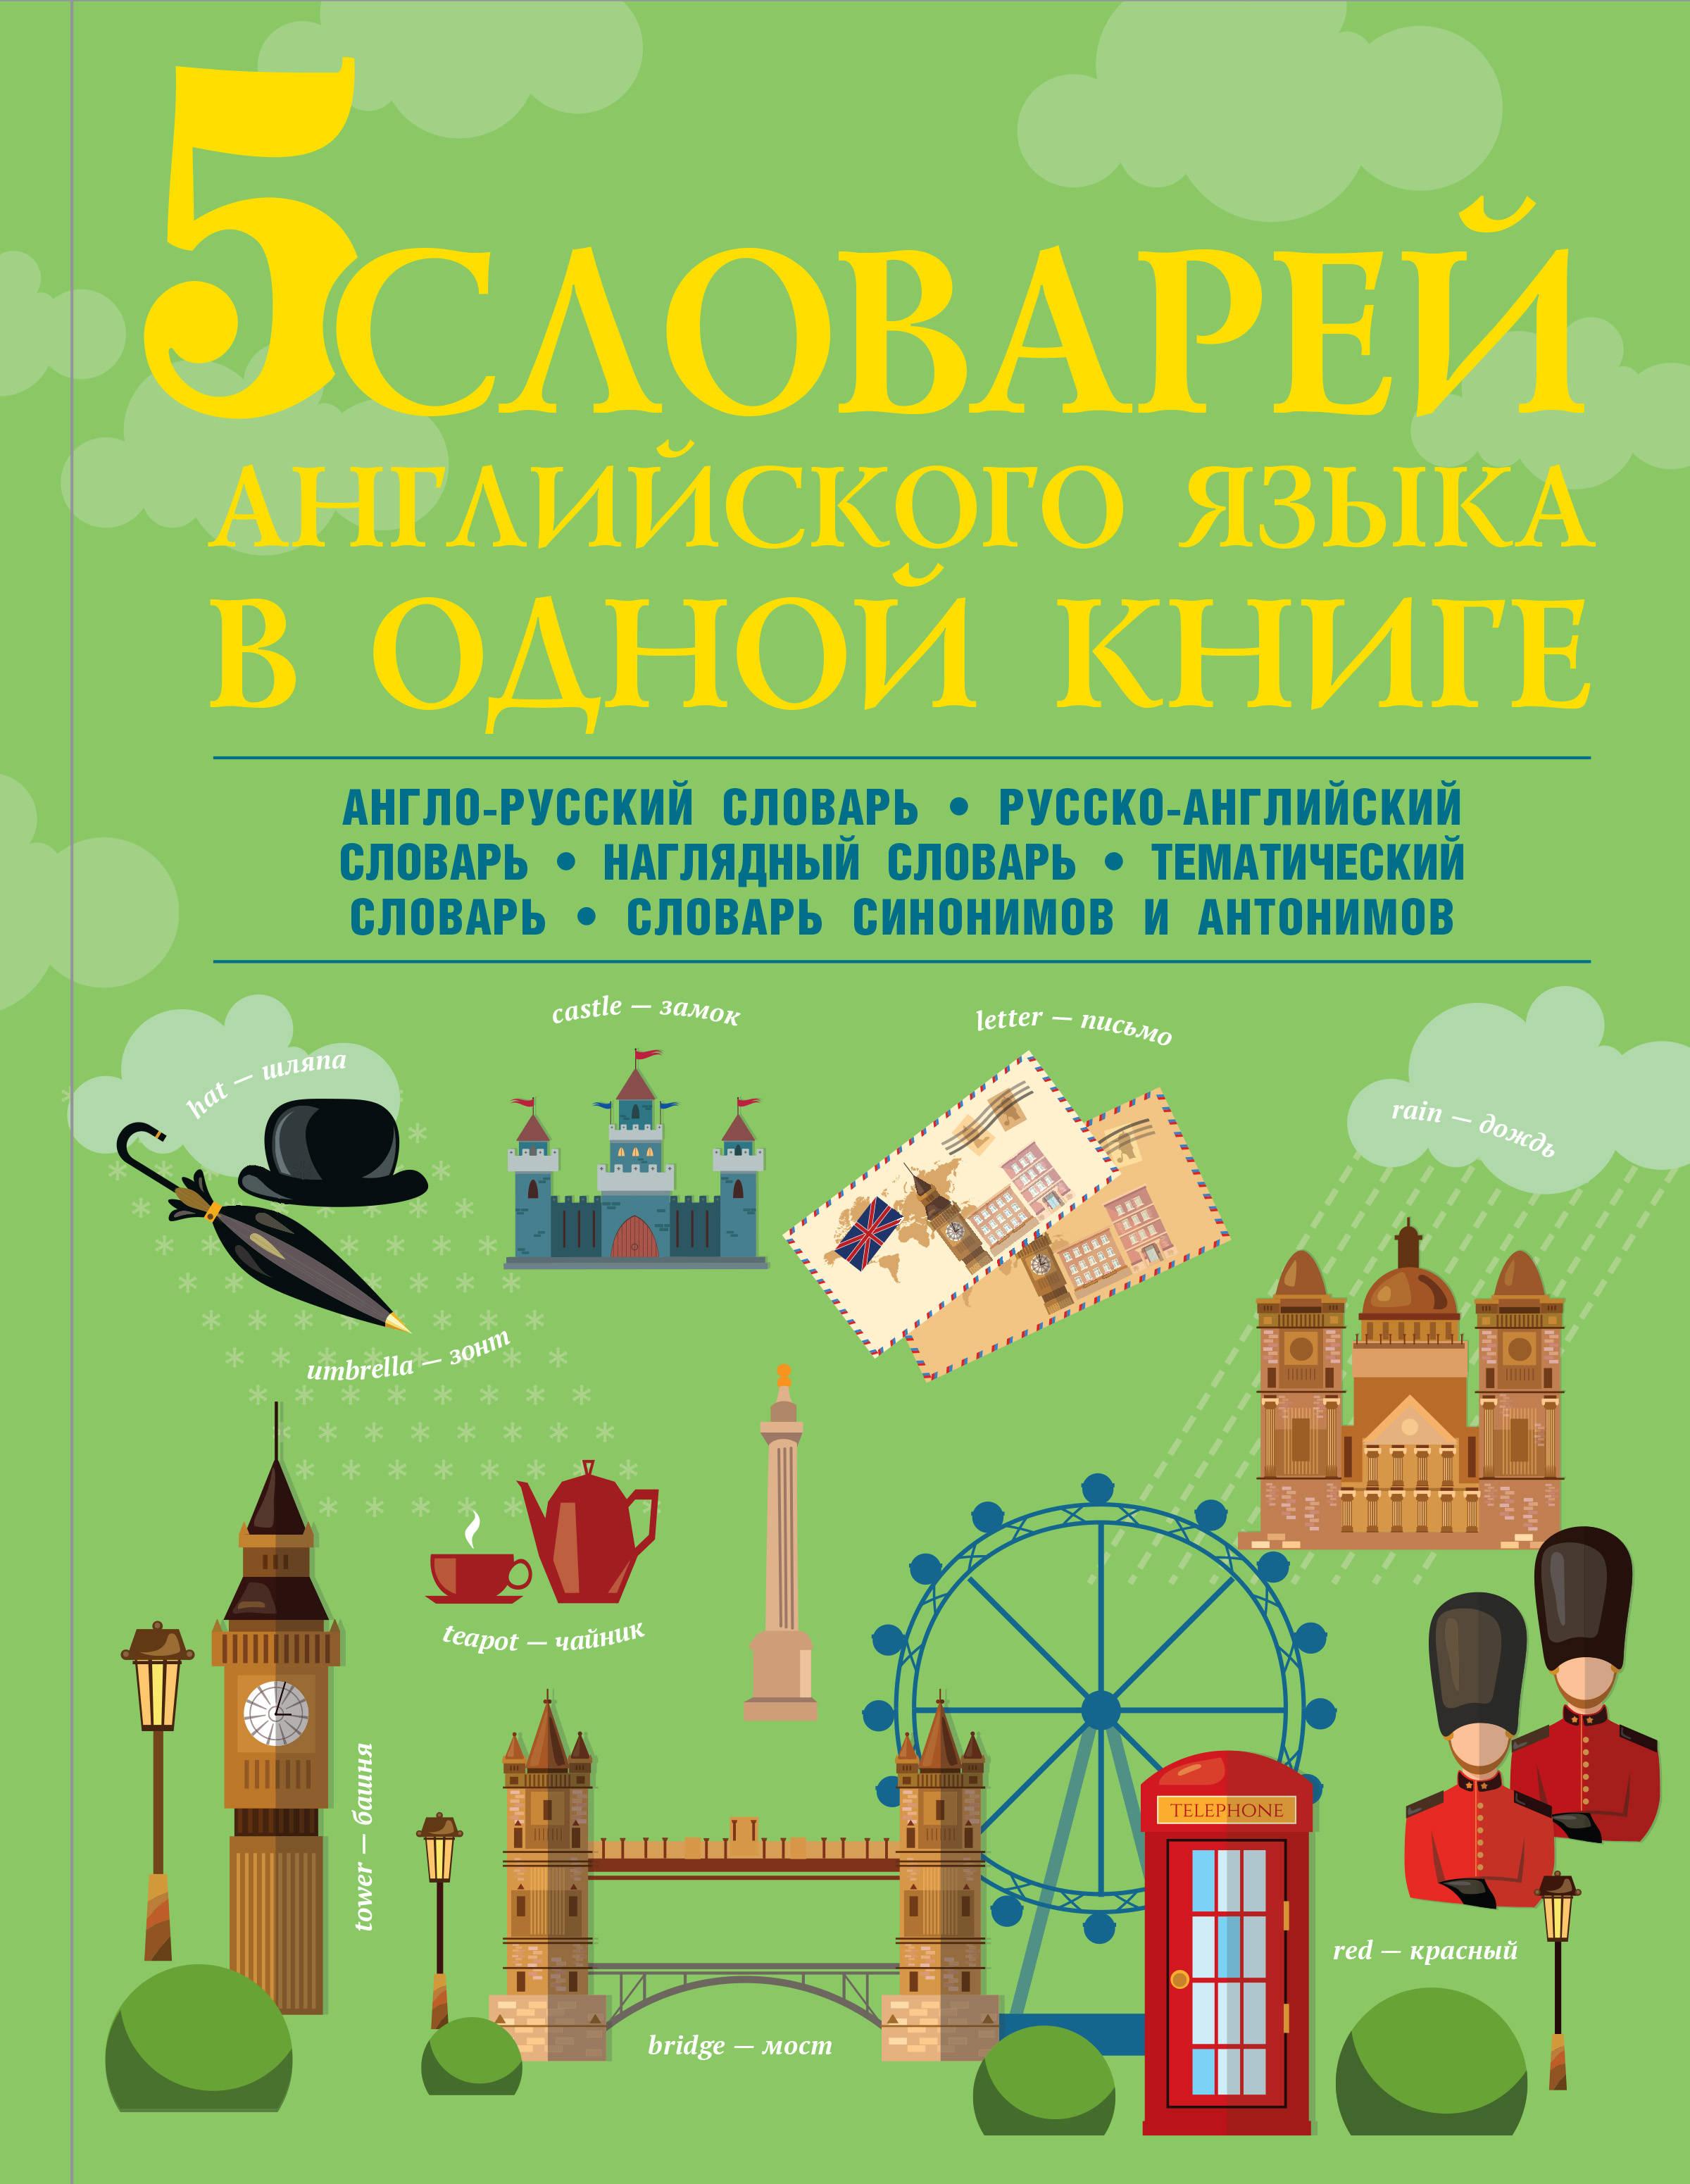 5 словарей английского языка в одной книге киссин т с айзенштадт г н беркина м и словарь минимум по английскому языку